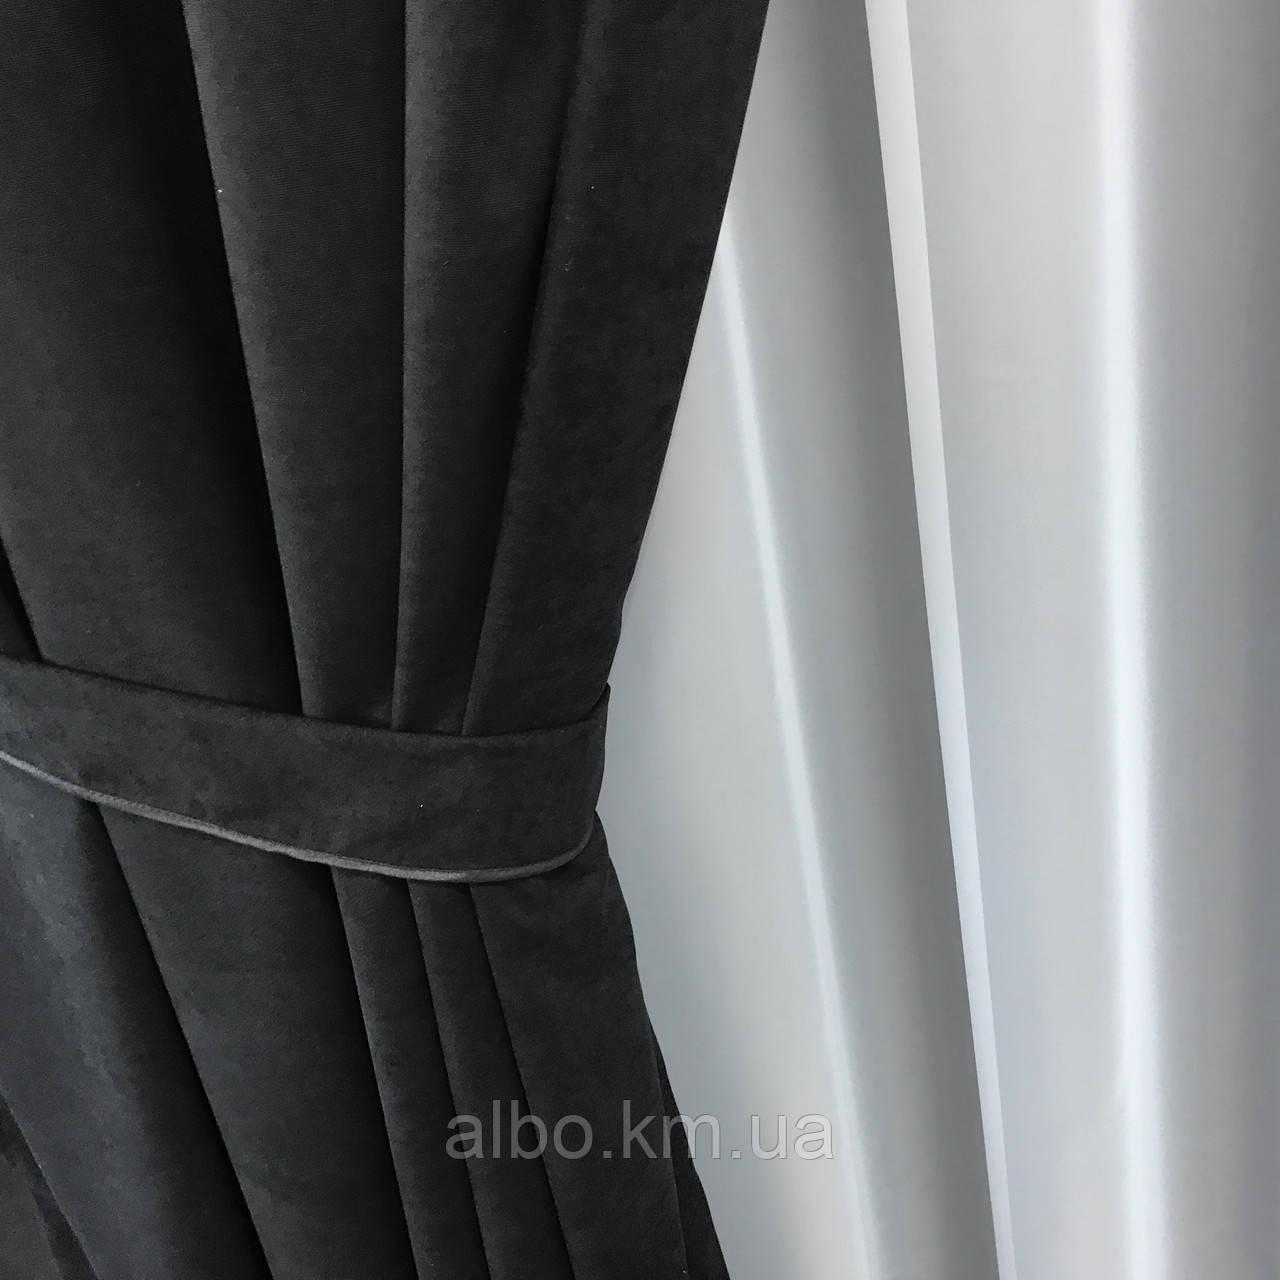 Штори з мікровелюру в кімнату спальню зал квартиру, штори на кільцях в будинок спальню дитячу зал, готові штори для кухні спальні